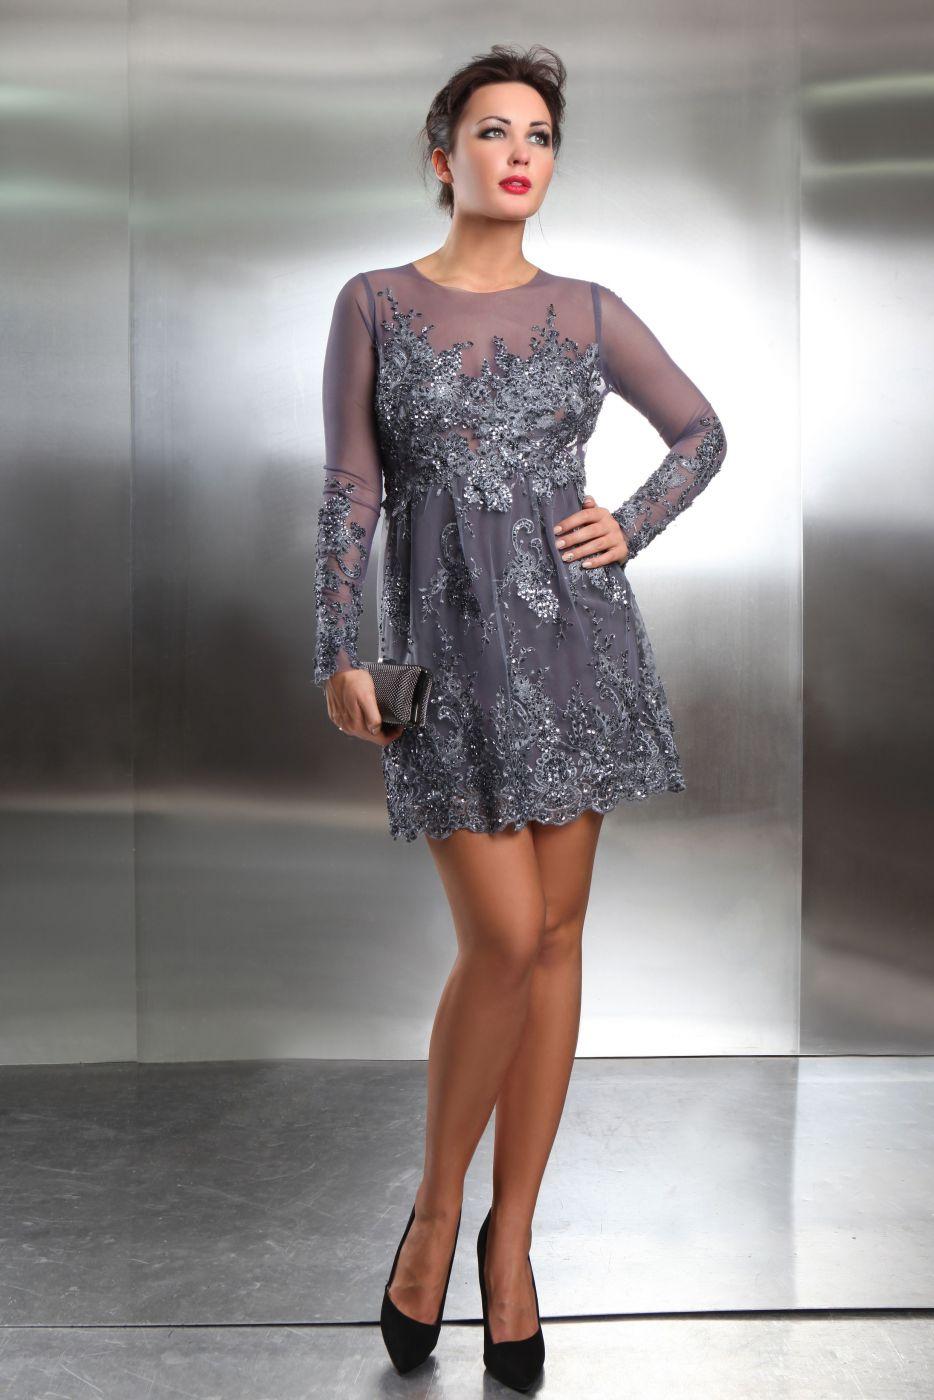 Das richtige Kleid zur standesamtlichen Trauung finden